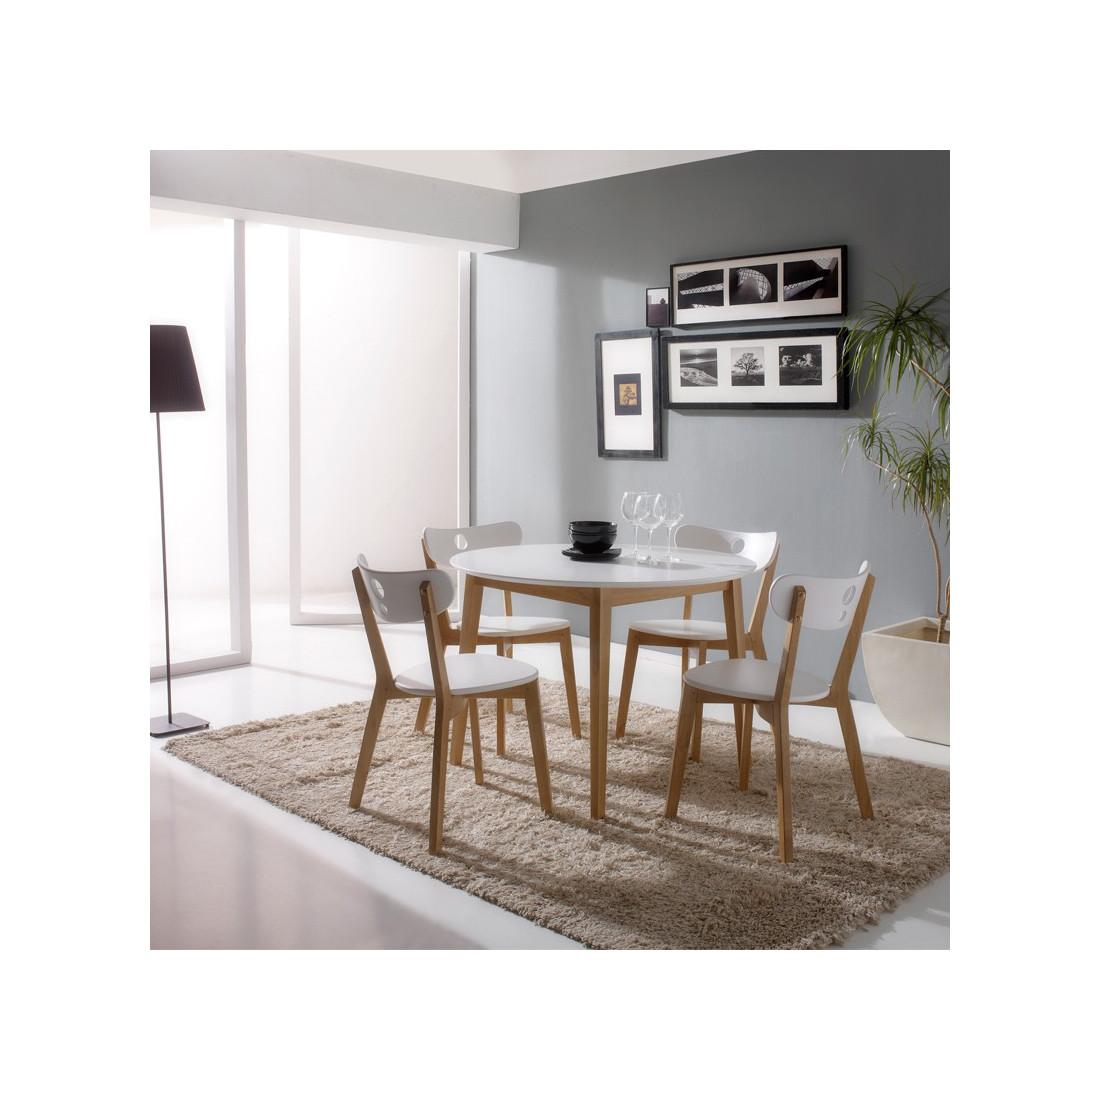 ensemble tables & chaises blanc daia - univers salle à manger